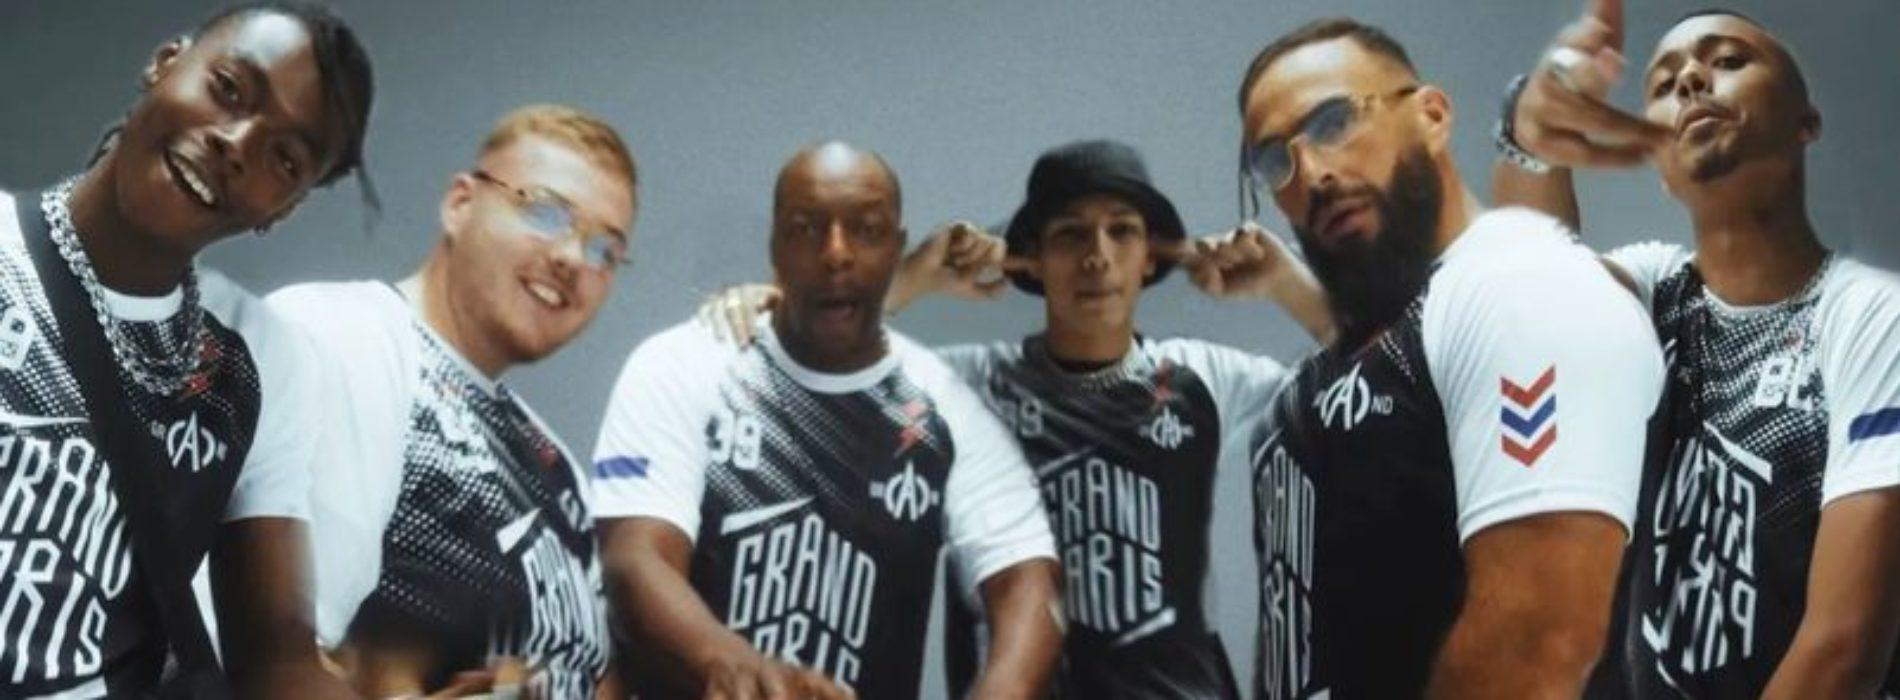 Médine – Grand Paris 2 ft. Koba LaD, Larry, Pirate, Rémy & Oxmo Puccino (Clip Officiel) – Novembre 2020